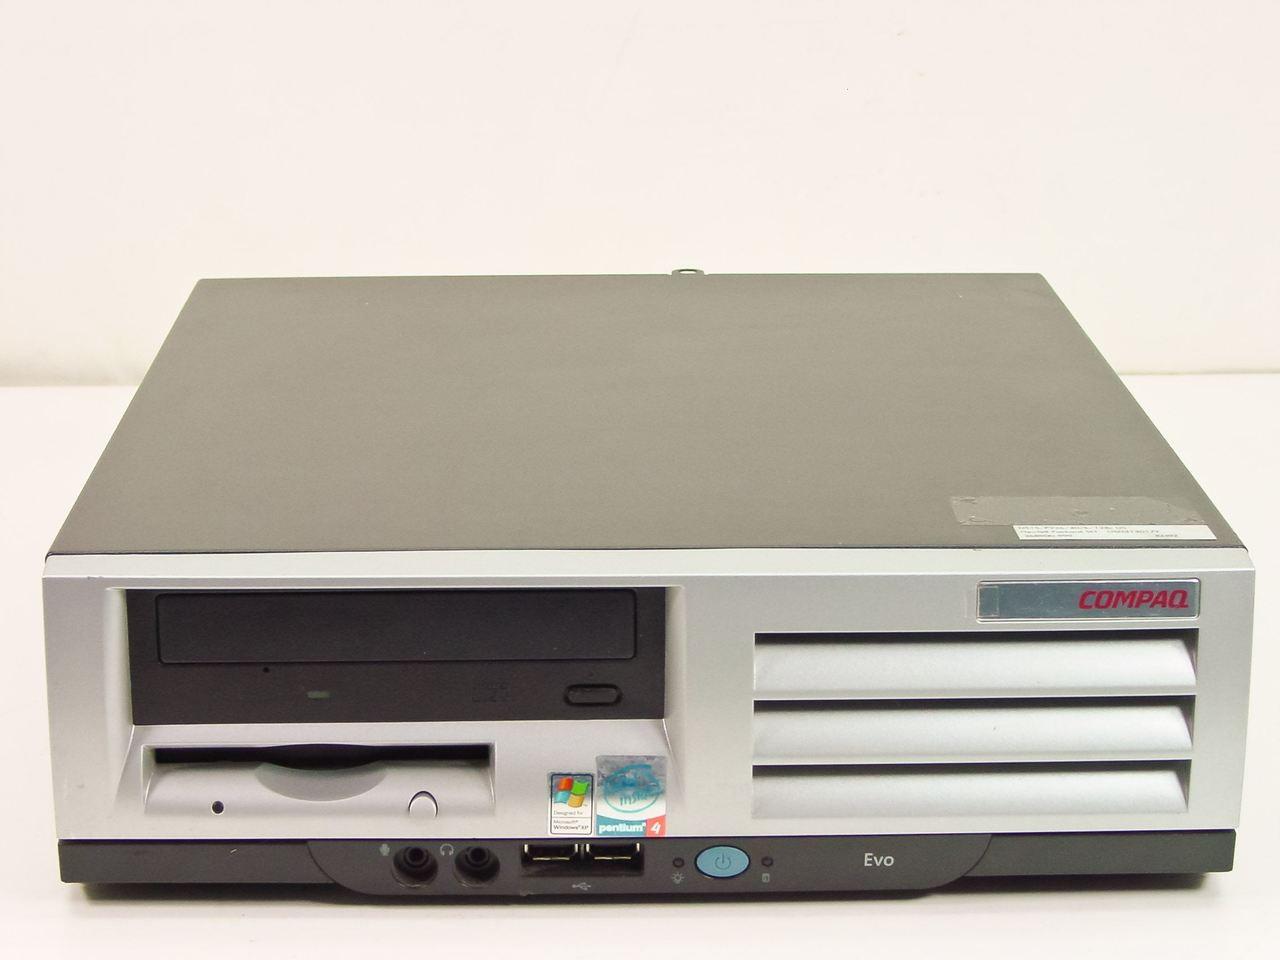 COMPAQ EVO D510 SFF VGA DRIVERS WINDOWS 7